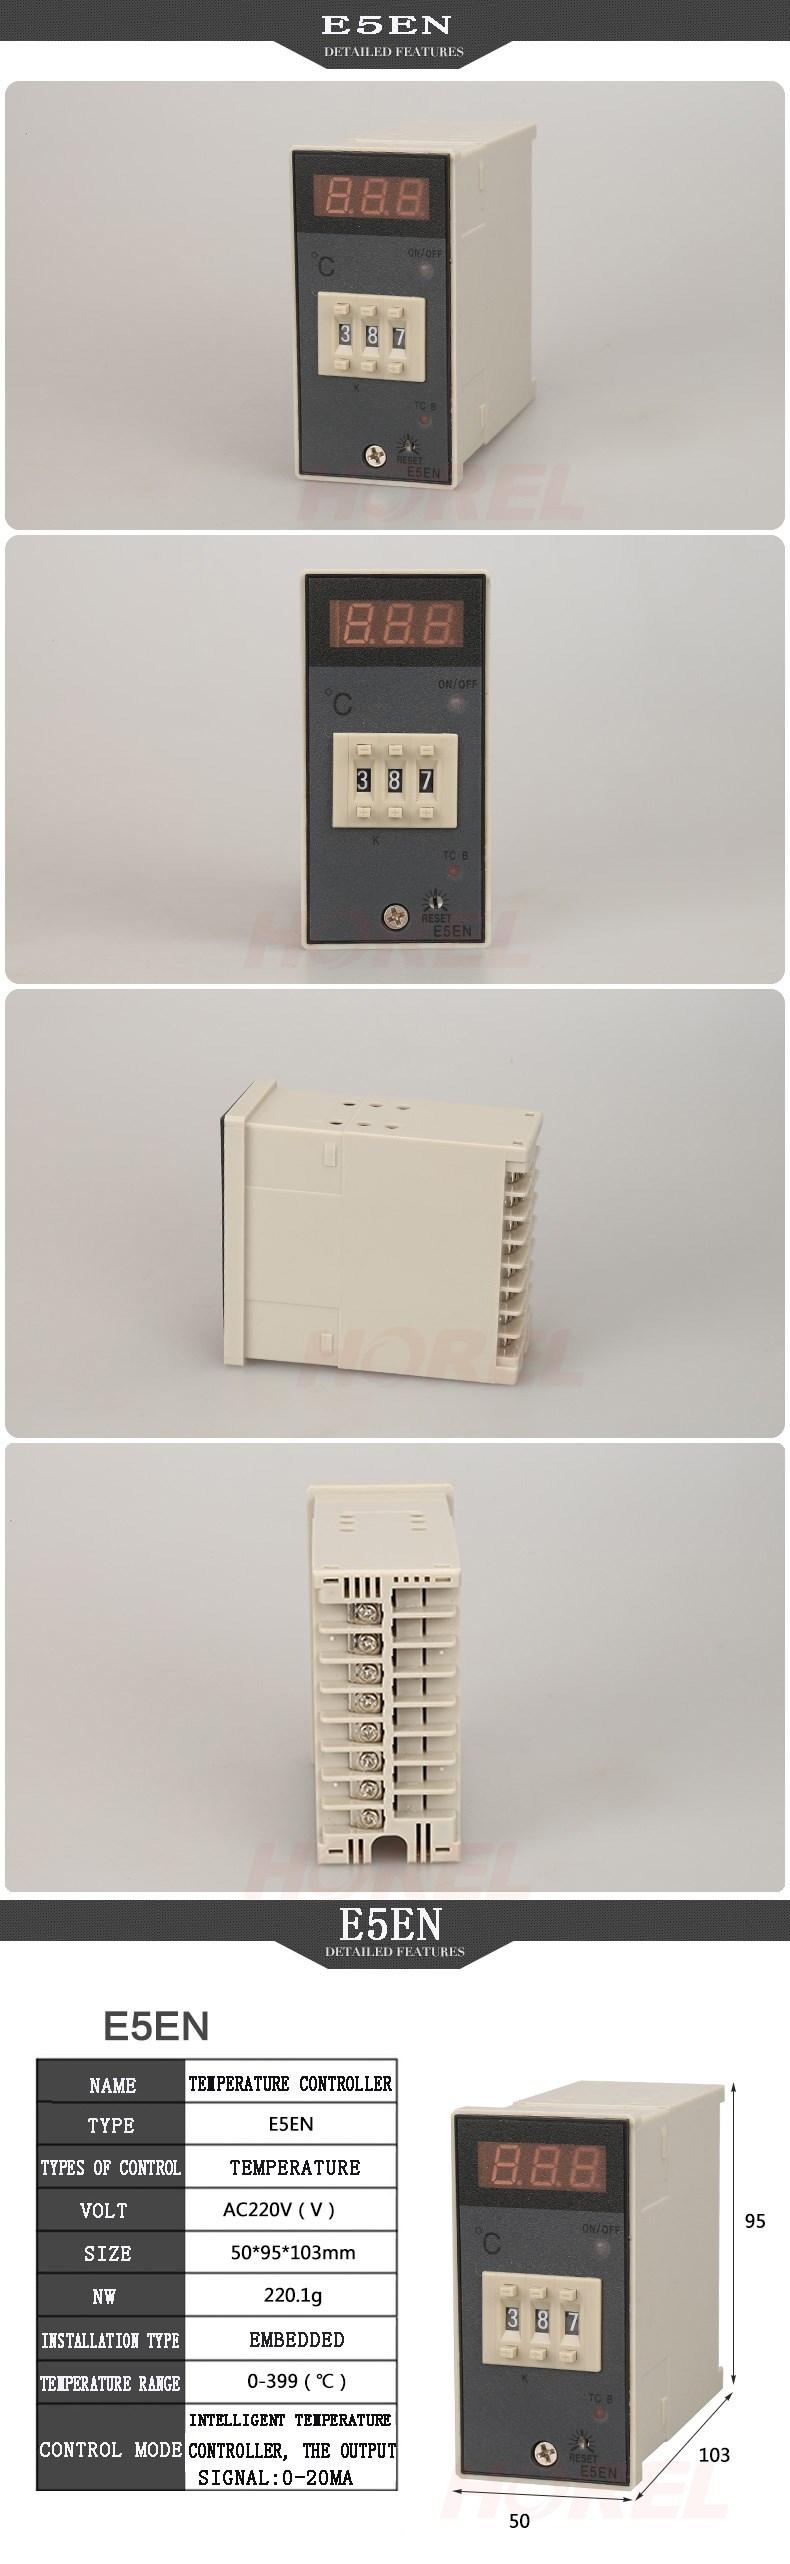 E5EN Temperature controller 3.jpg